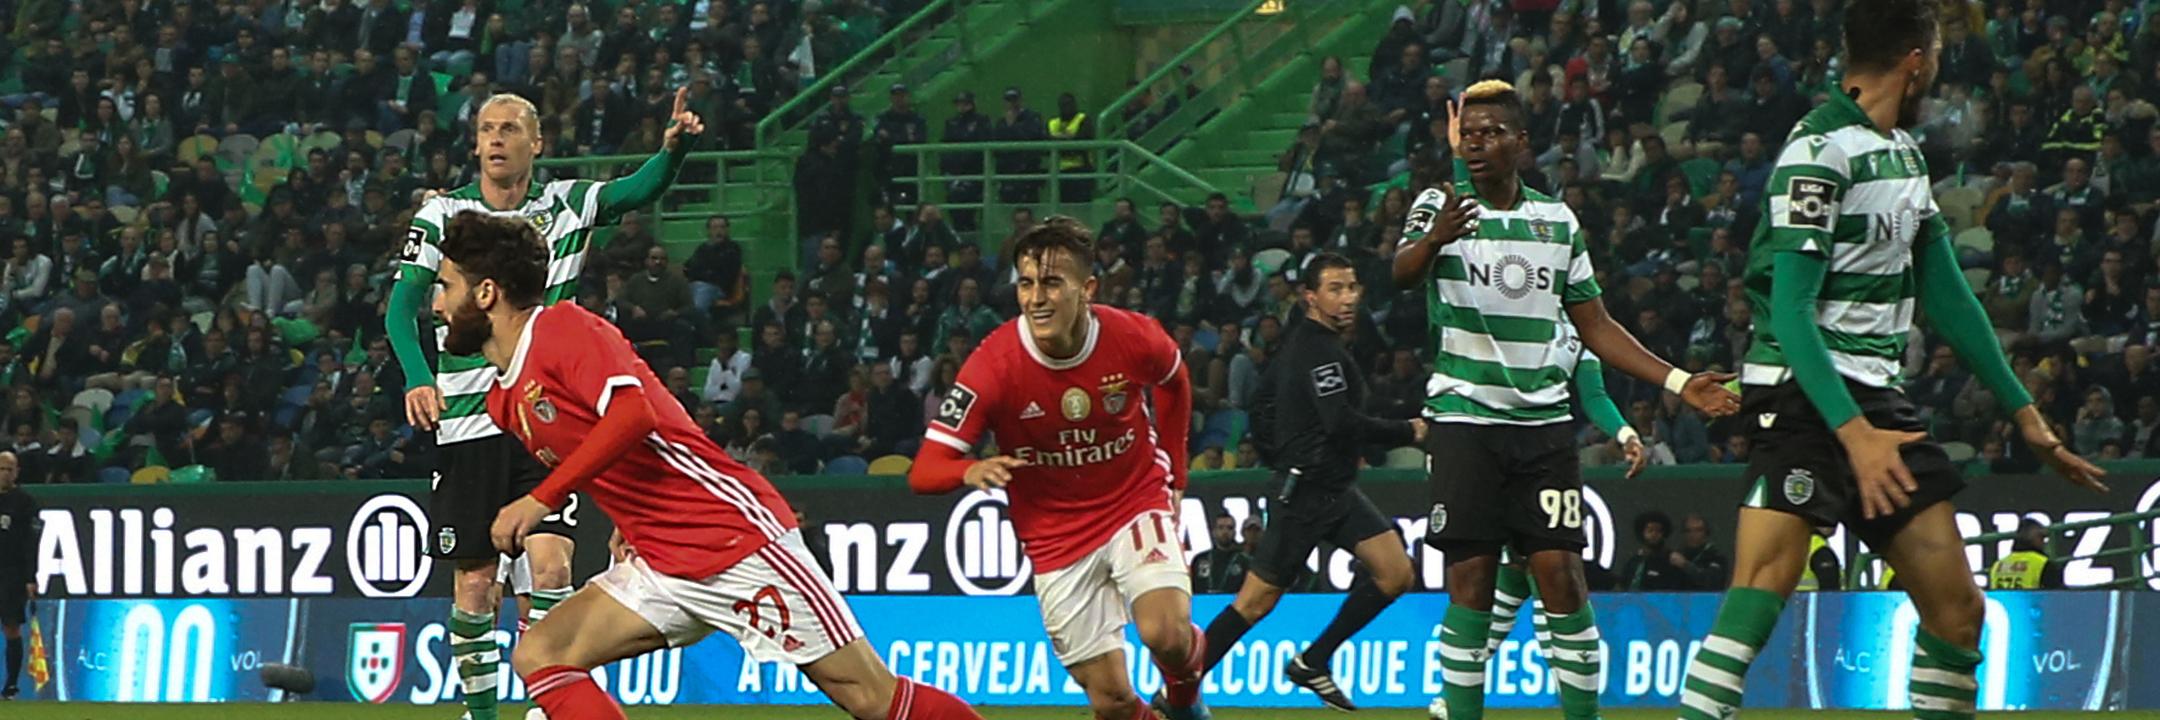 Dérbis, clássicos e jogos que prometem ser autênticas finais no que resta disputar na I Liga